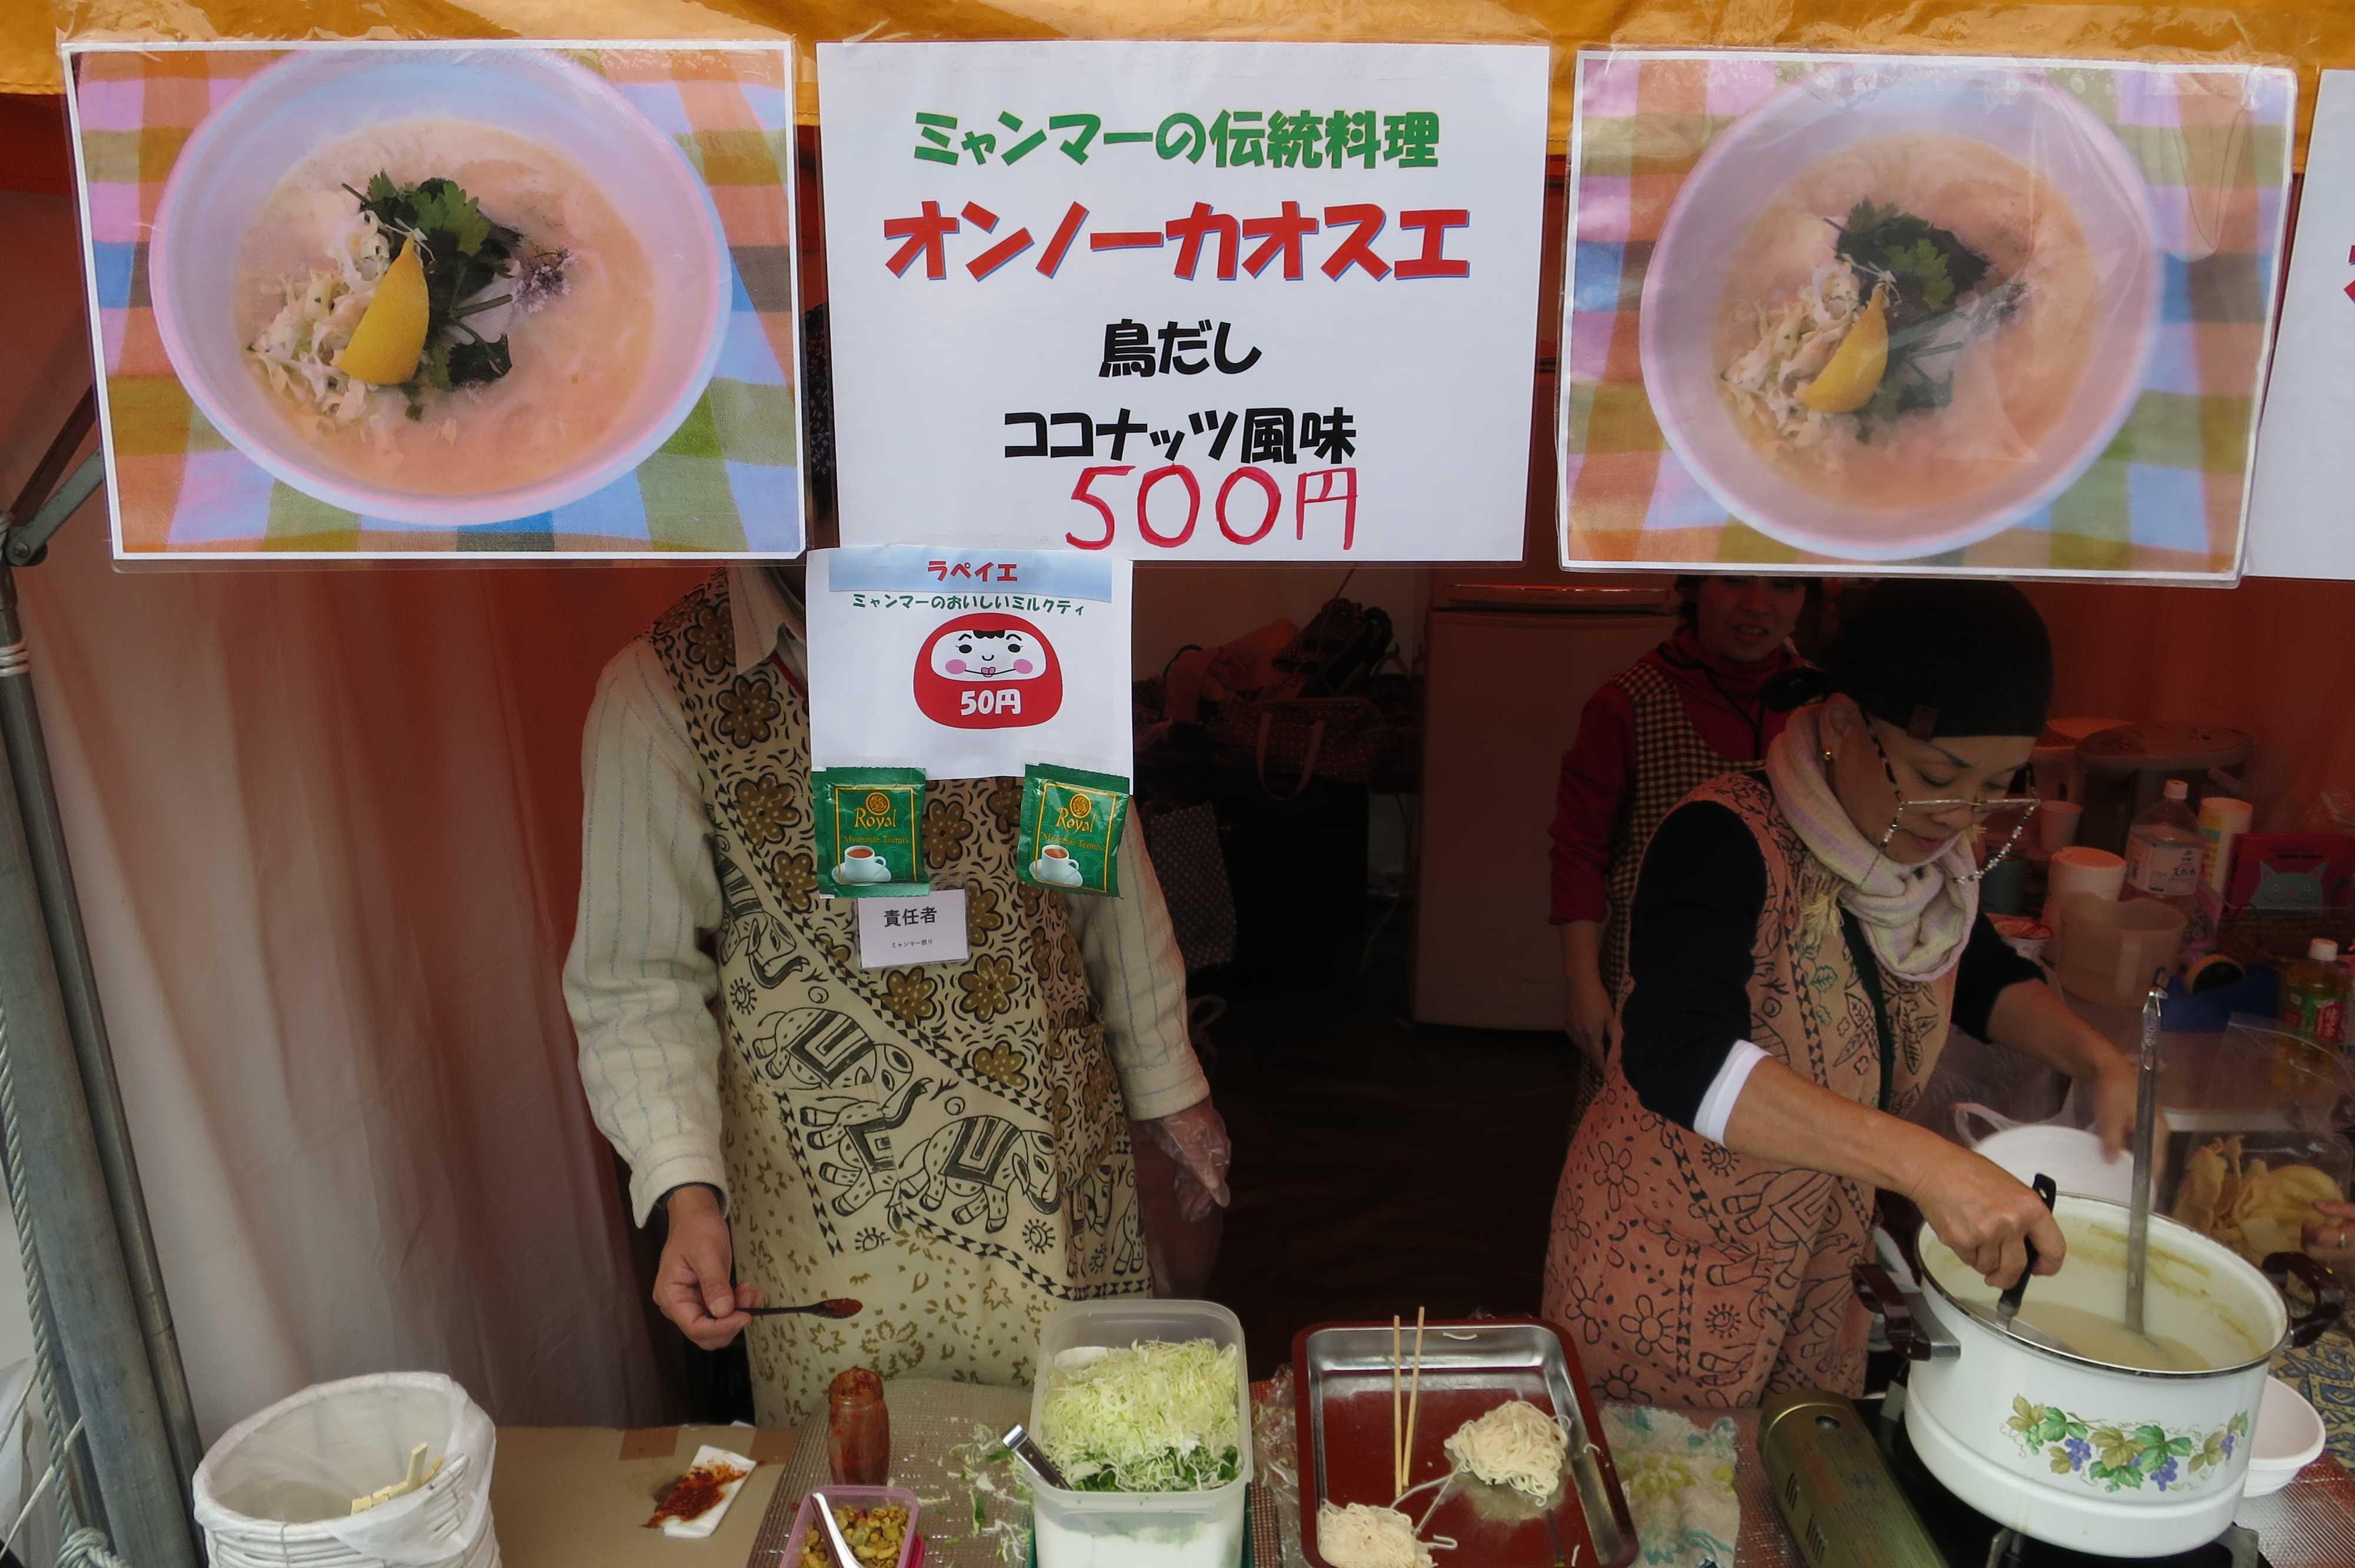 ミャンマーの伝統料理 オンノーカオスエ(鳥だしココナッツ風味) - ミャンマー祭り2016